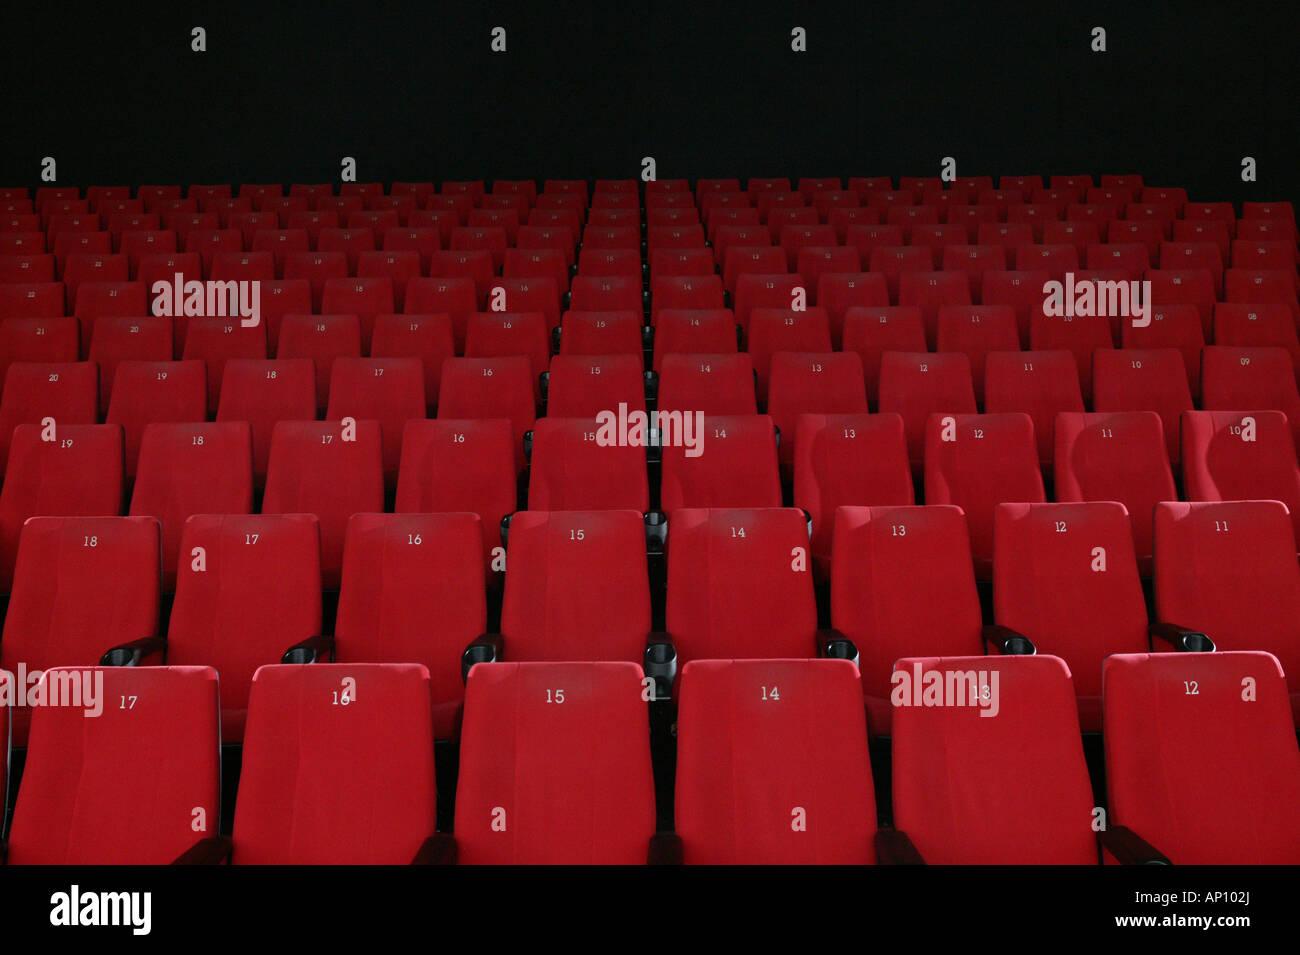 Righe di rosso vuoto sedi cinema, Garmisch-Partenkirchen, Baviera, Germania Immagini Stock